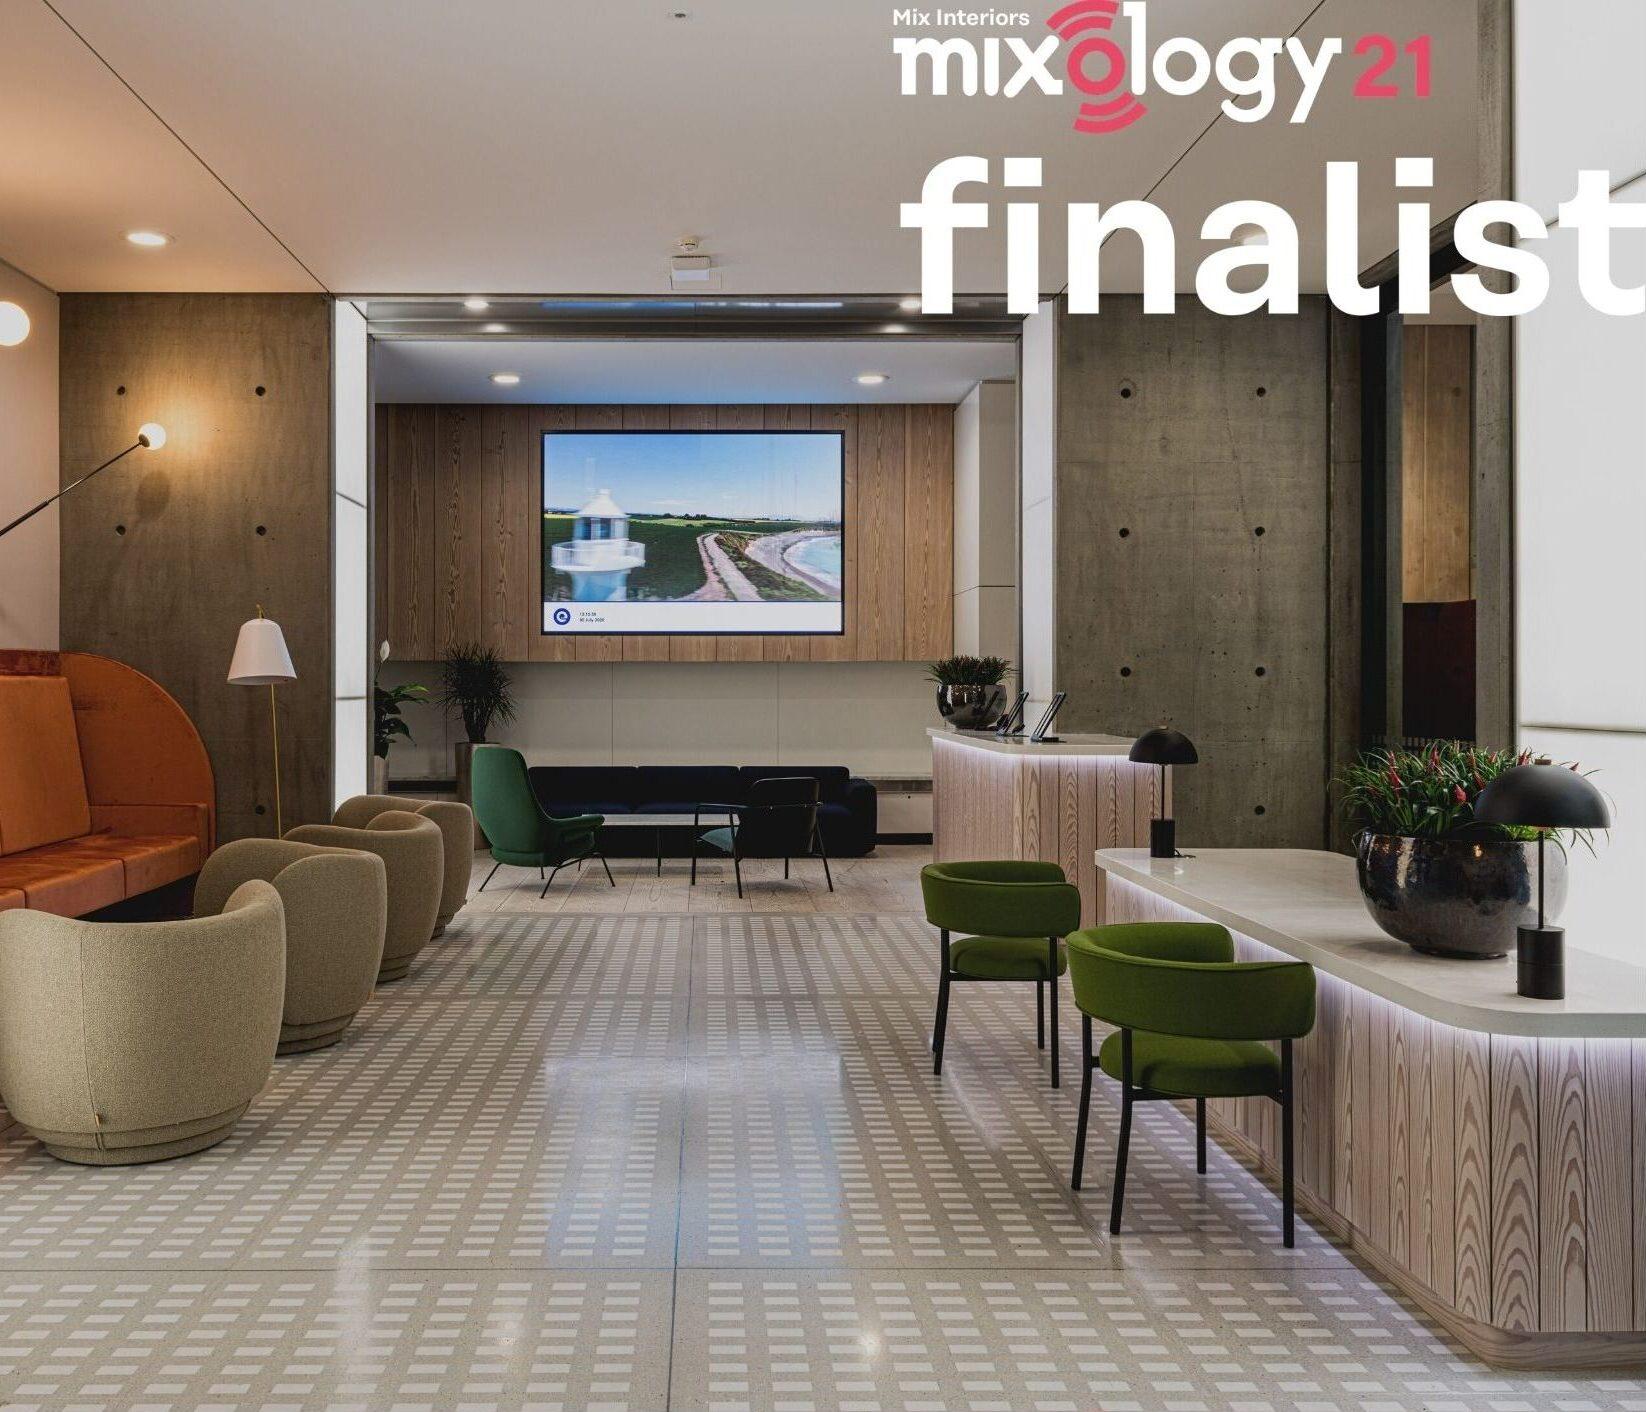 Mixology Awards 2021